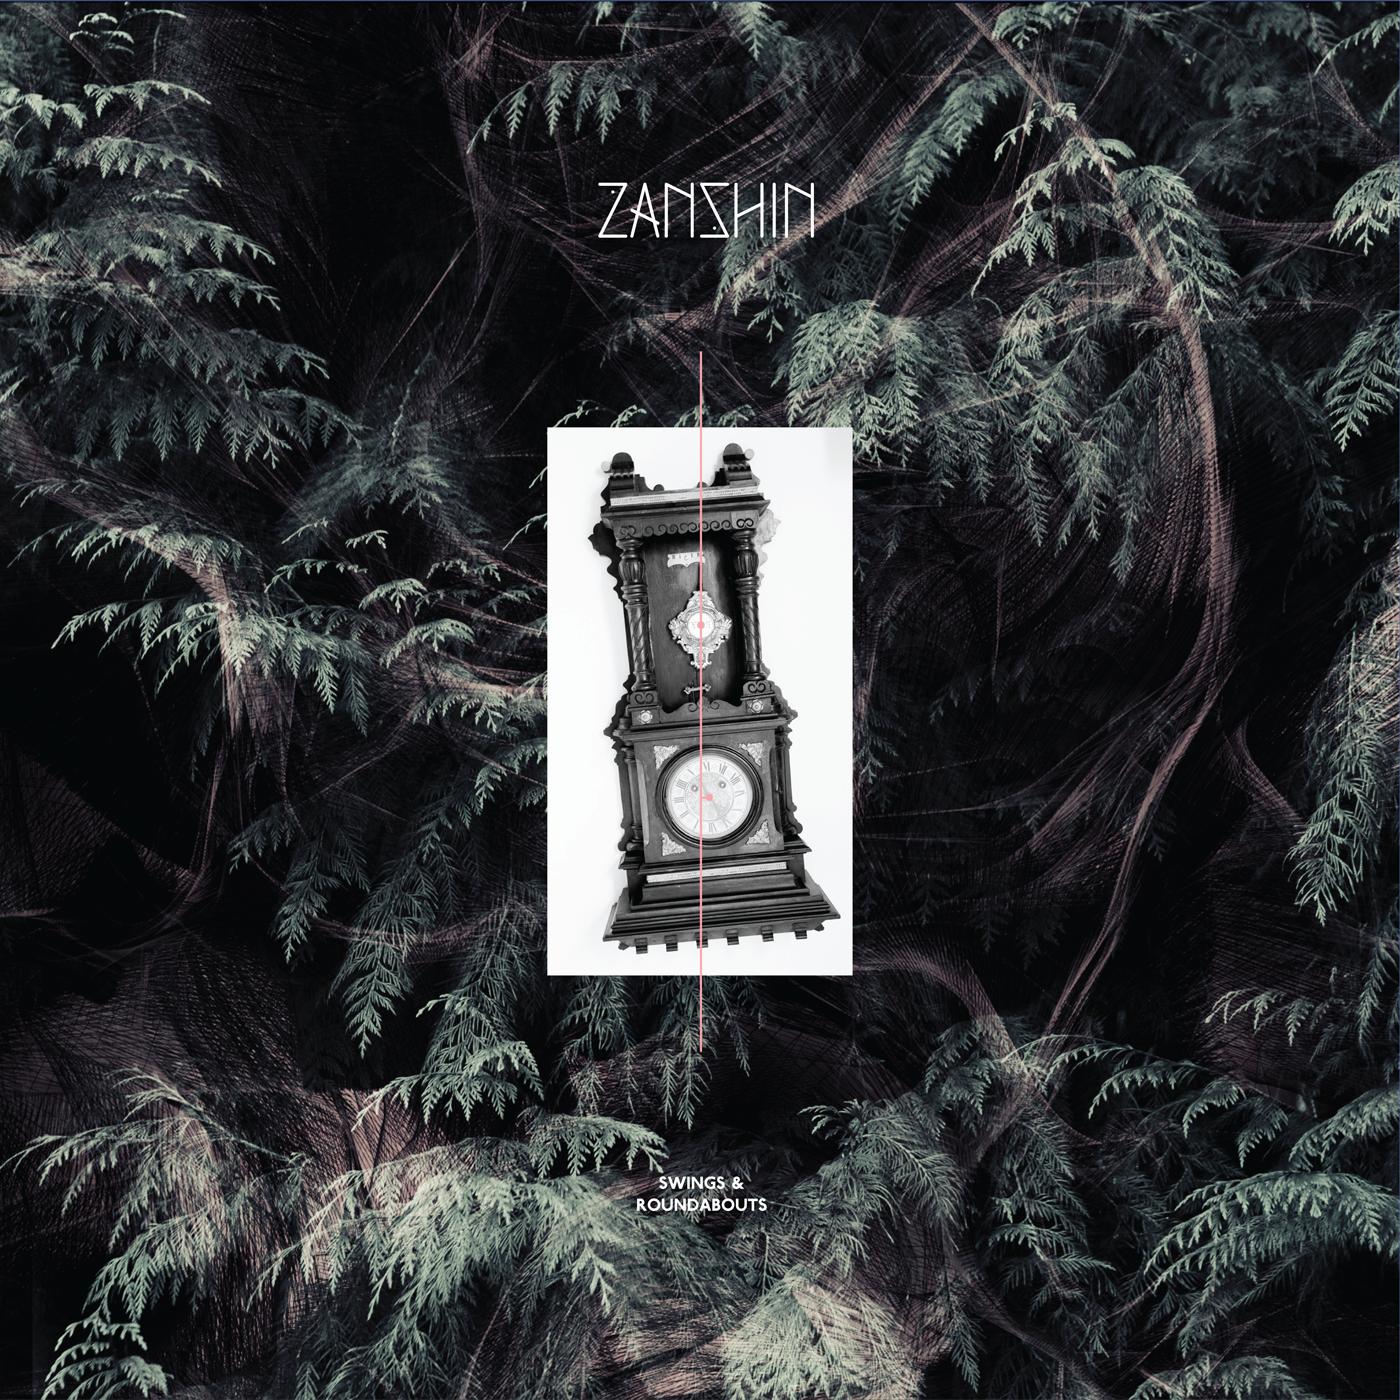 Zanshin - Swings & Roundabouts EP